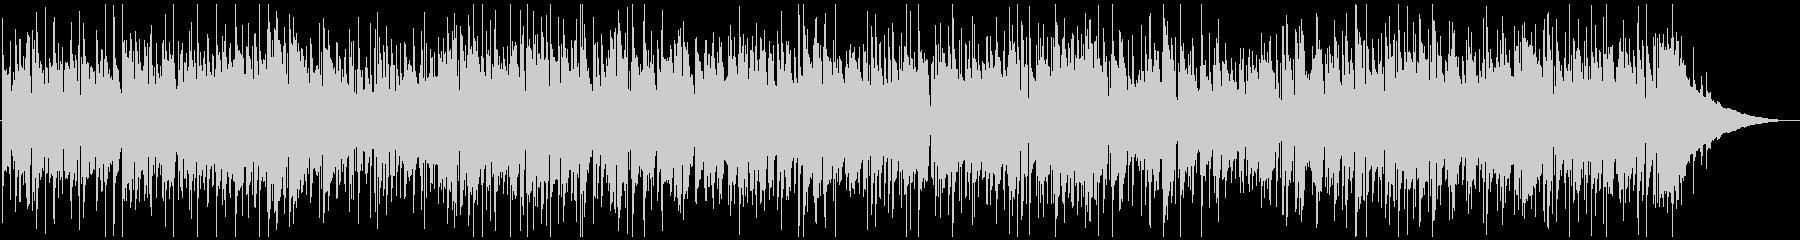 可愛いピアノソロのBGMの未再生の波形